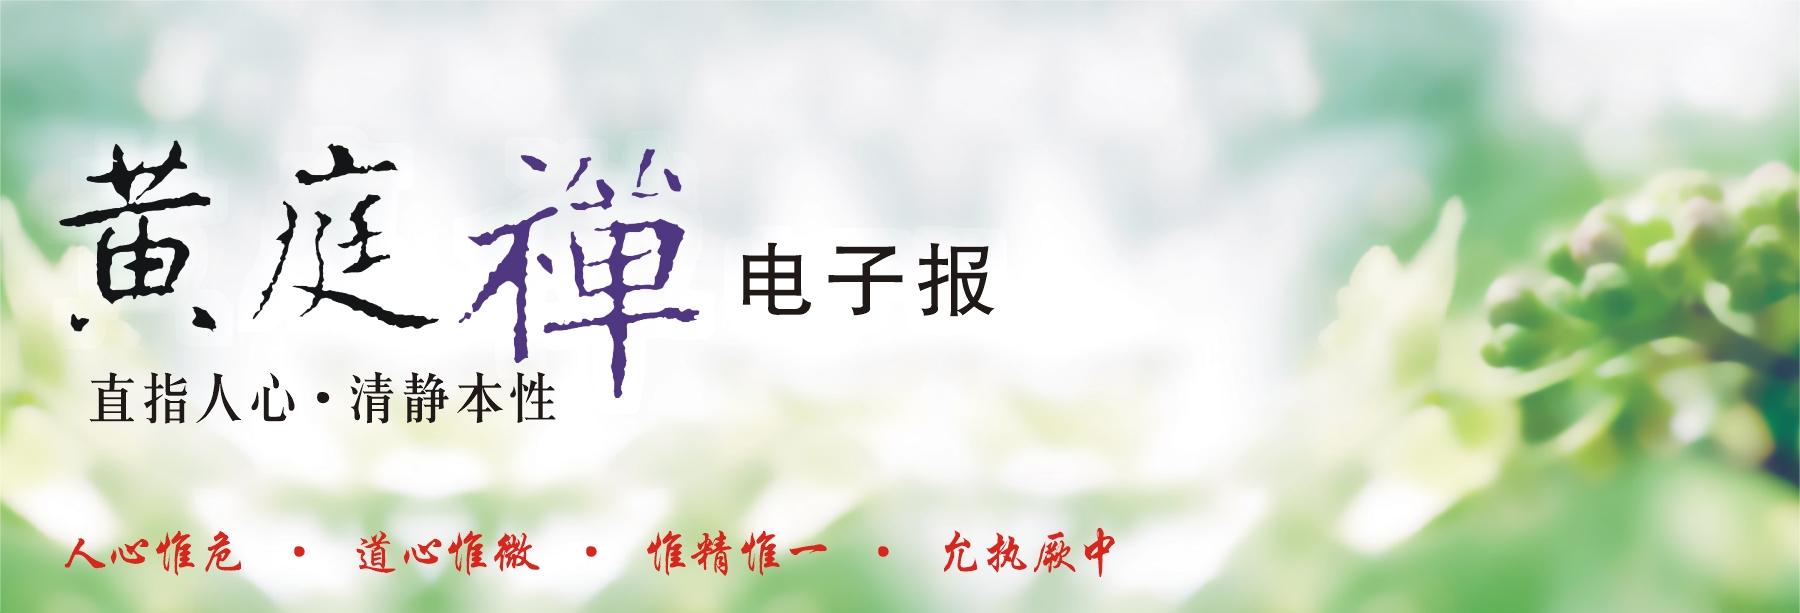 中华黄庭禅学会2015.07.11电子报